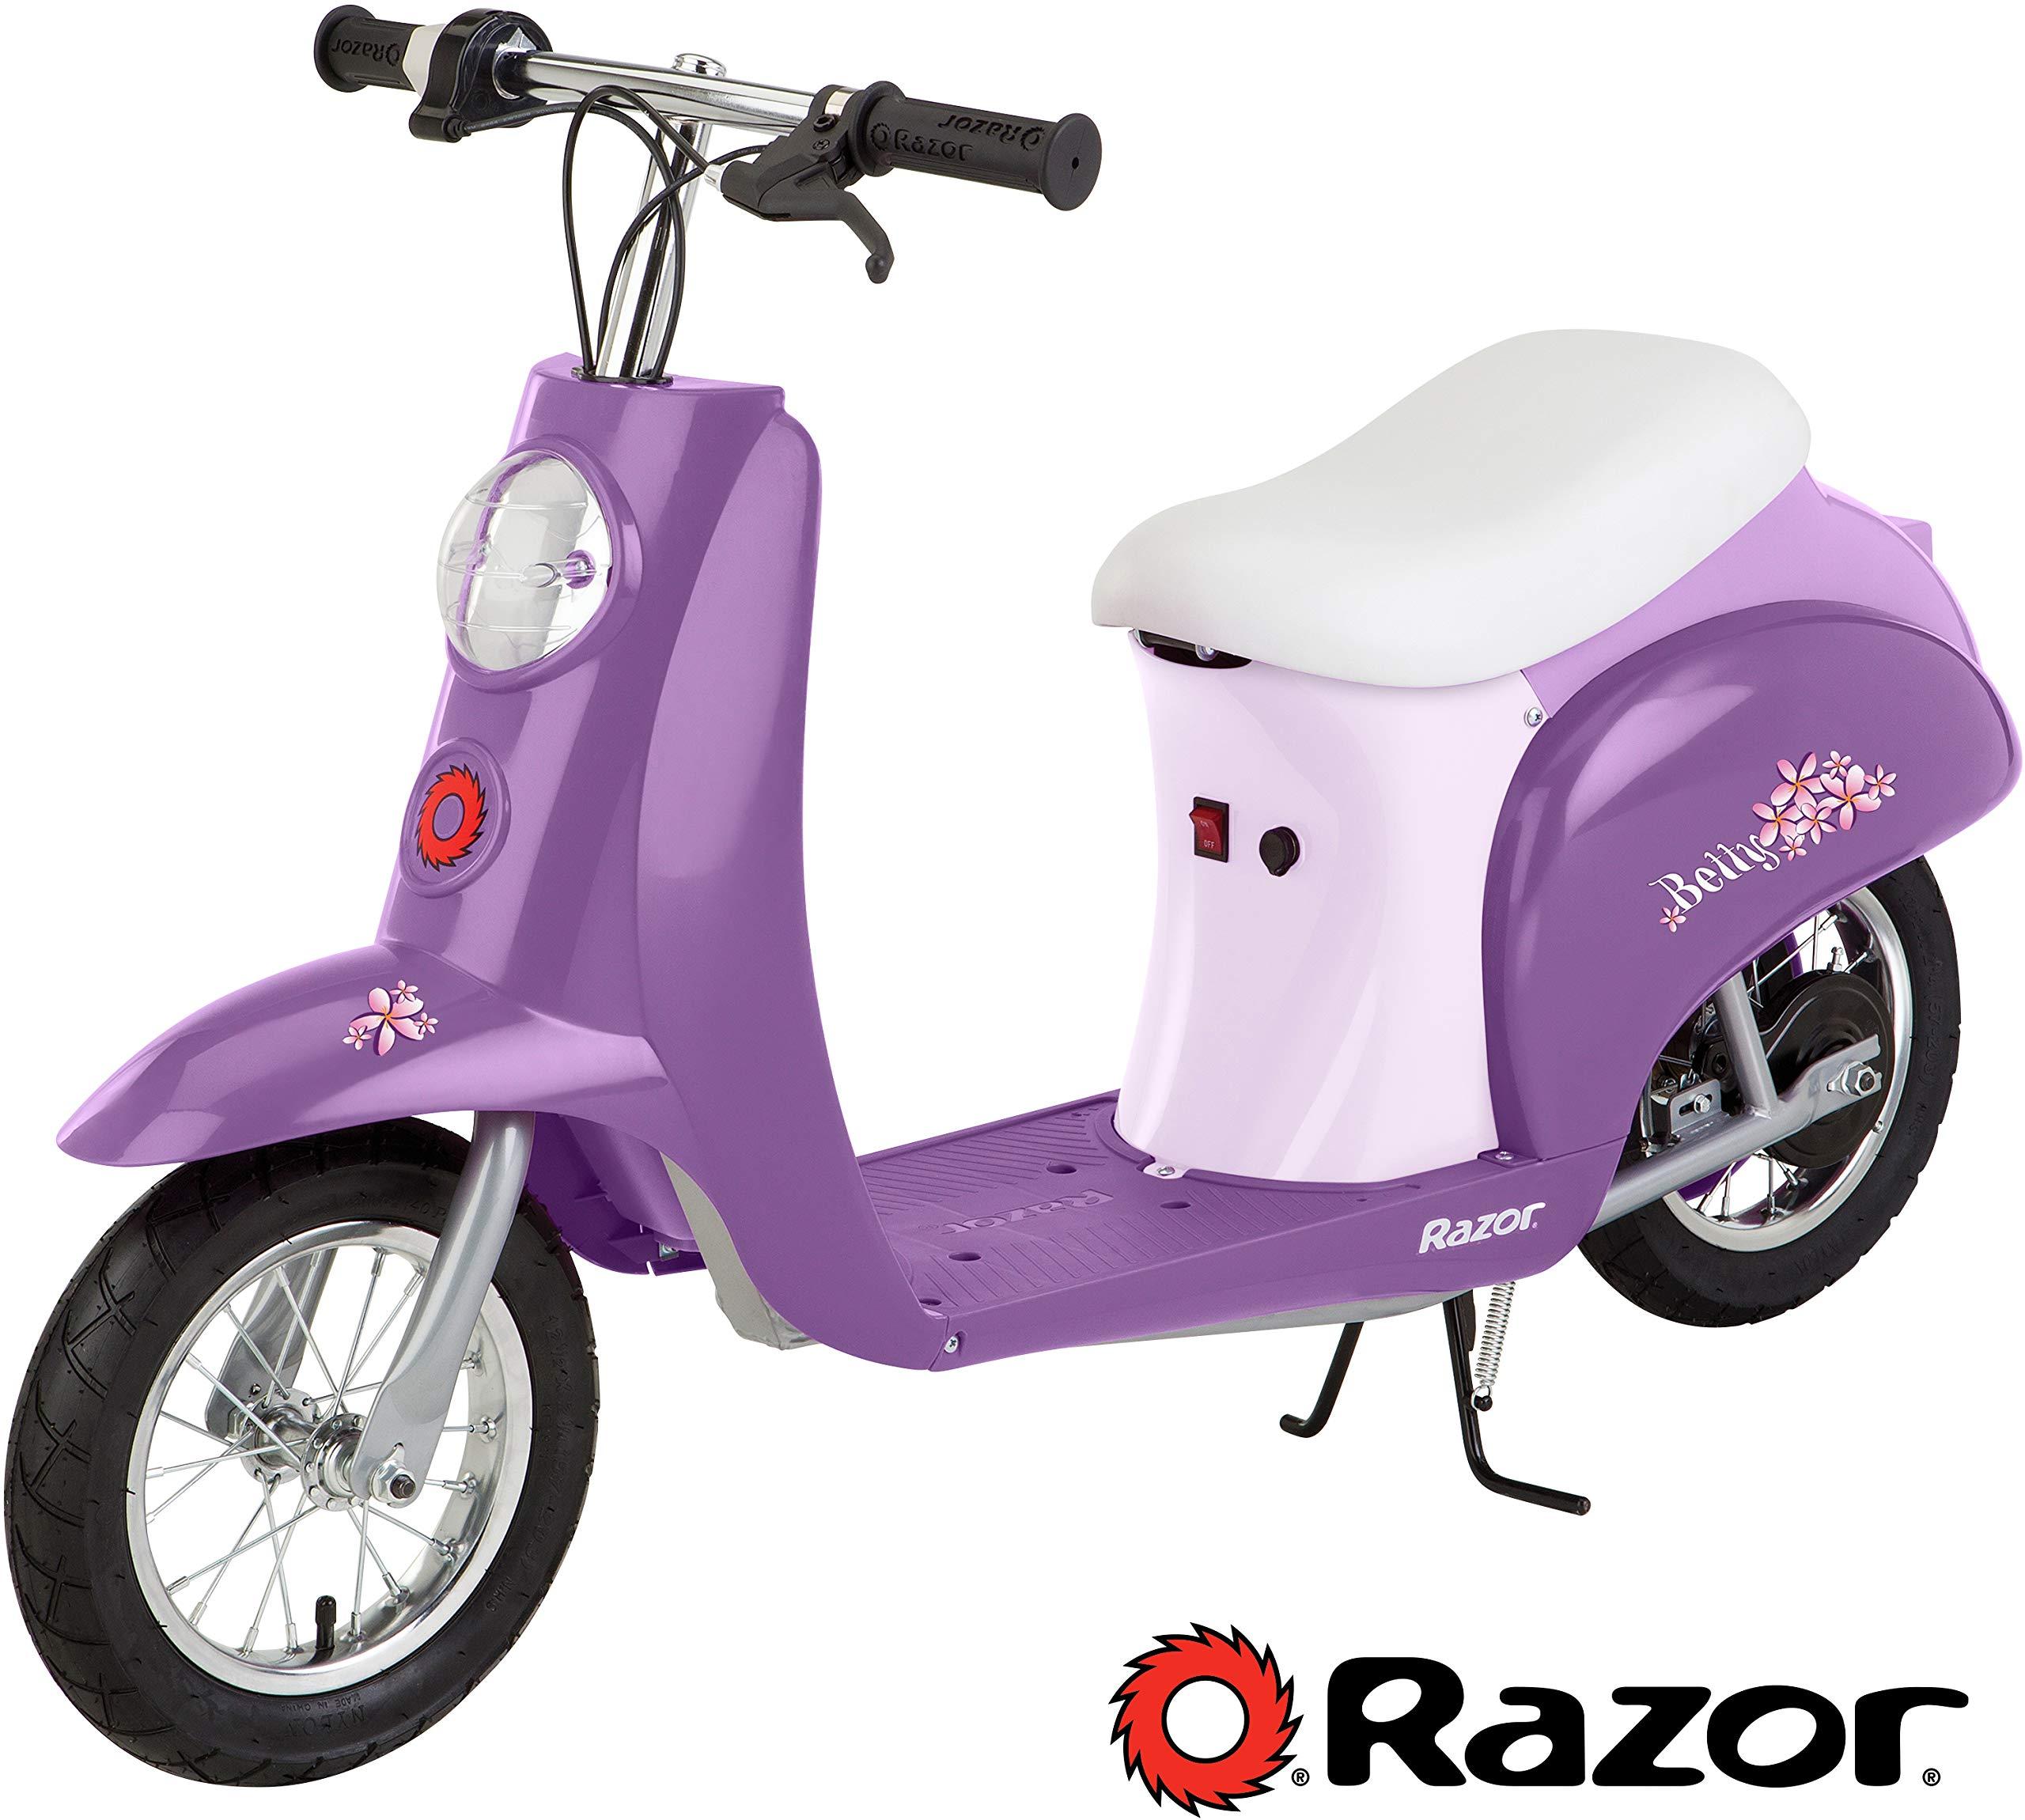 Razor Pocket Mod Miniature Euro Electric Scooter - Betty by Razor